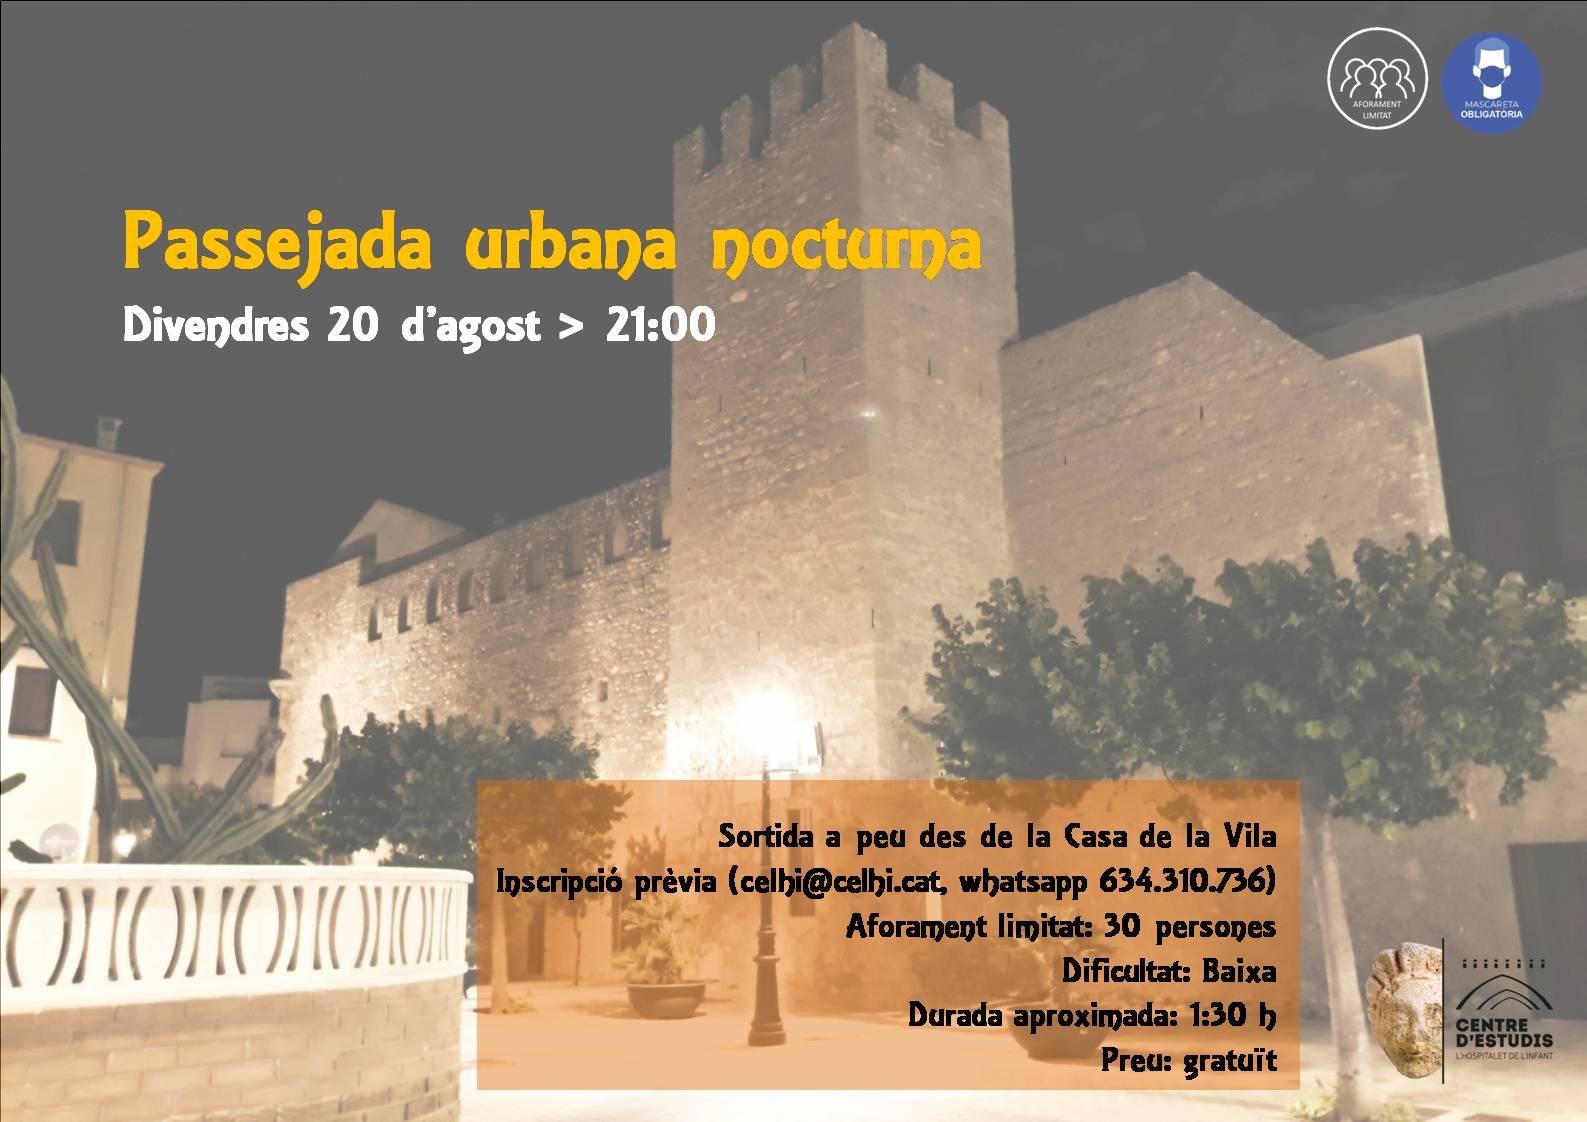 Passejada urbana nocturna / 20-08-2021, a les 21 h, a l'Hospitalet de l'Infant